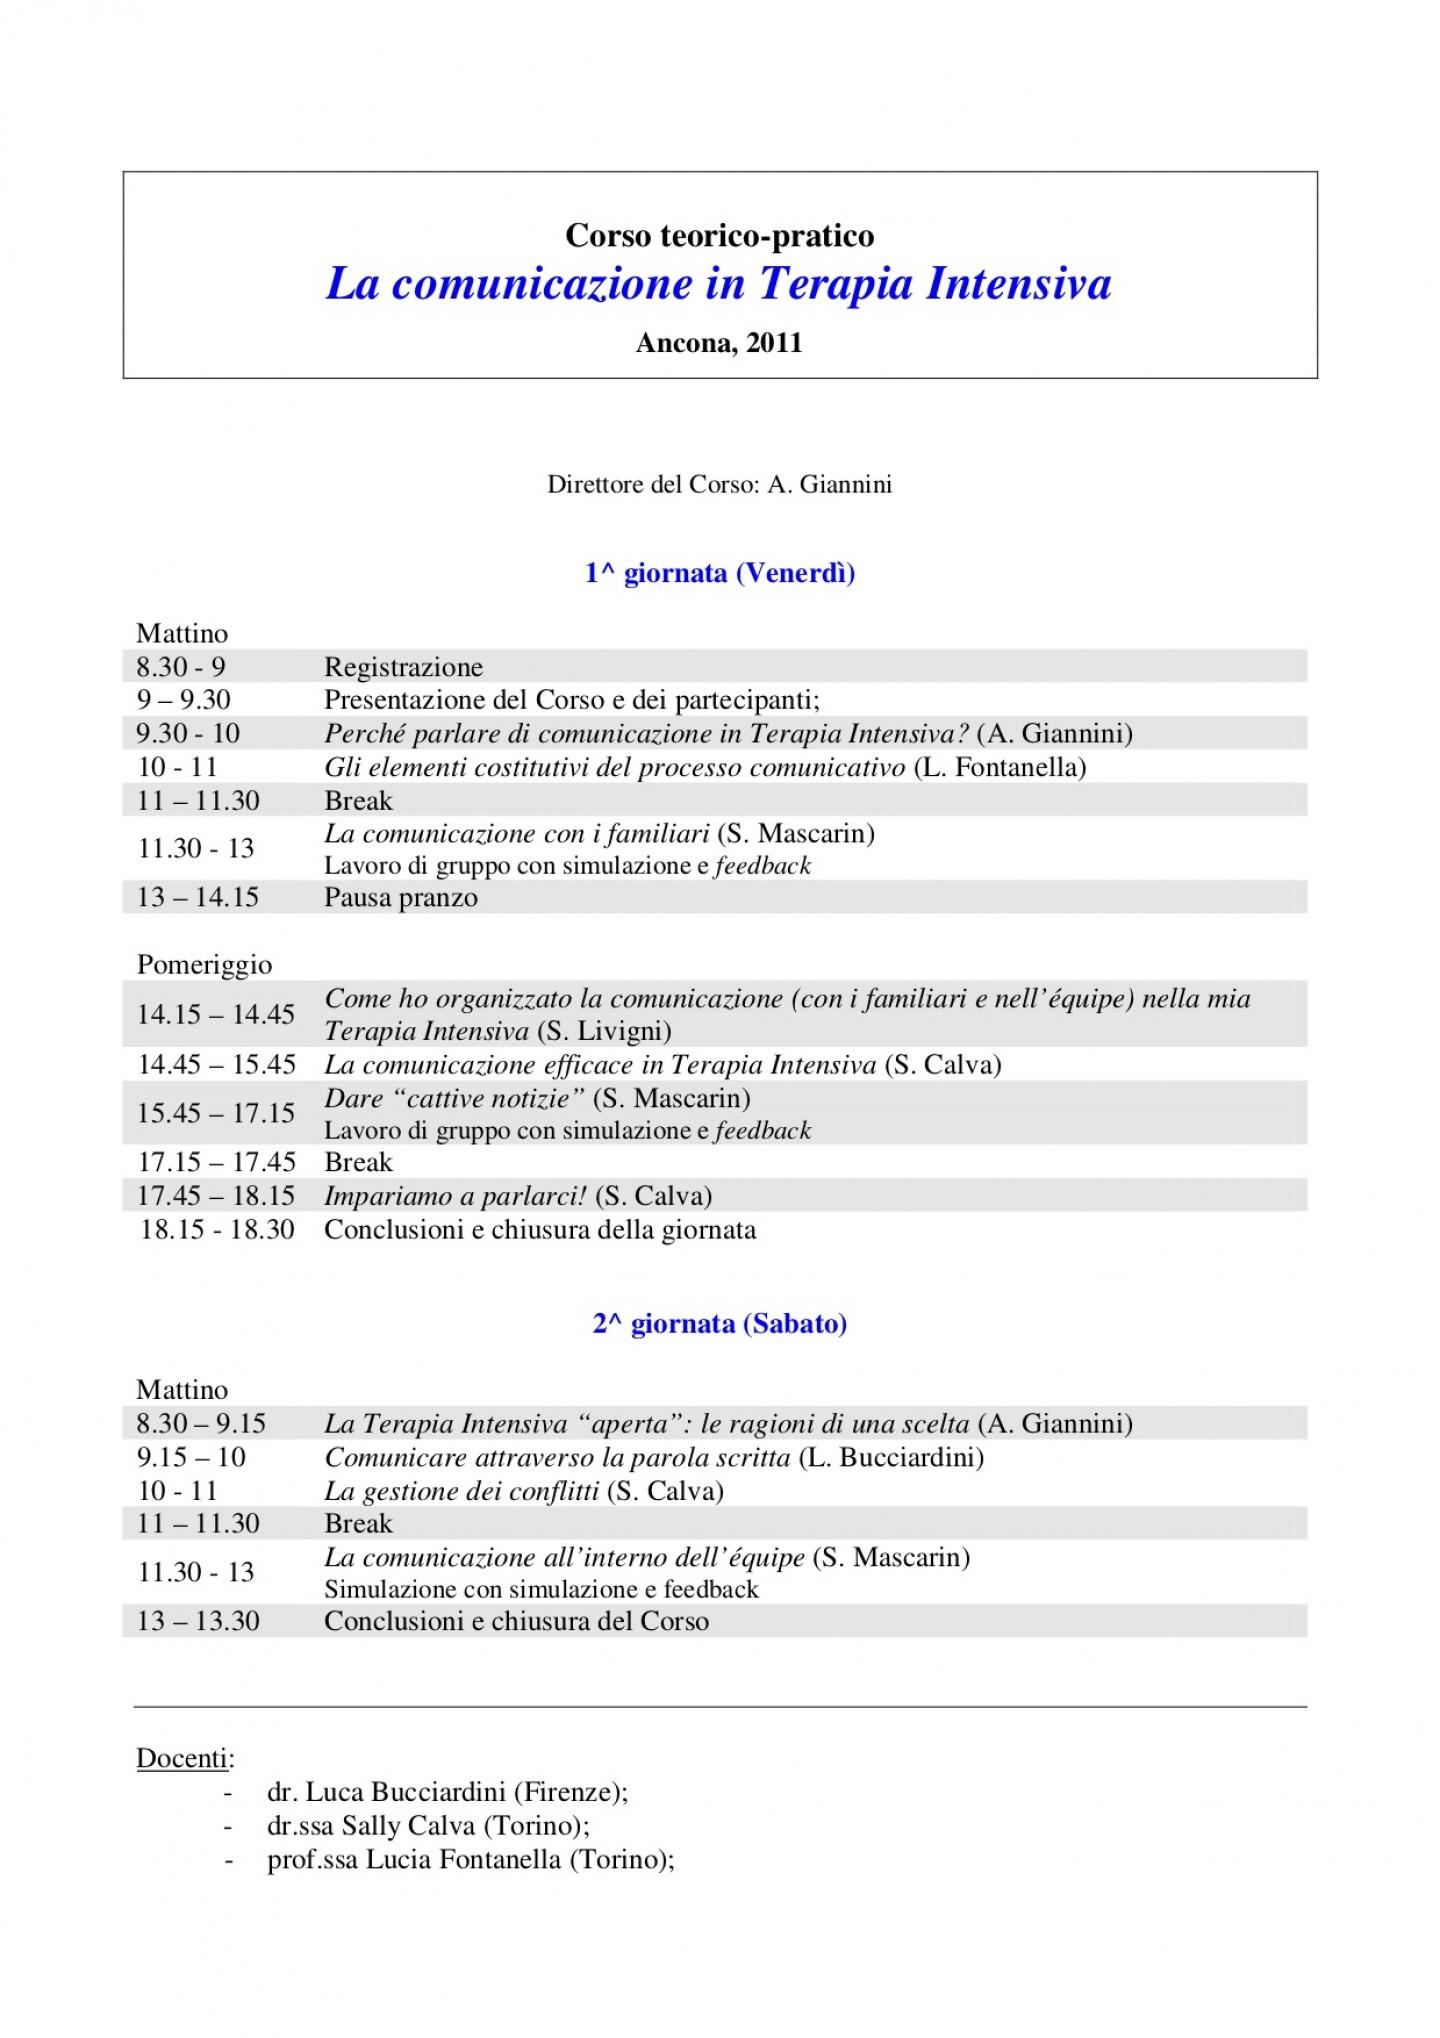 giannini_-_programma_corso_comunicazione_Ancona_2011[1]